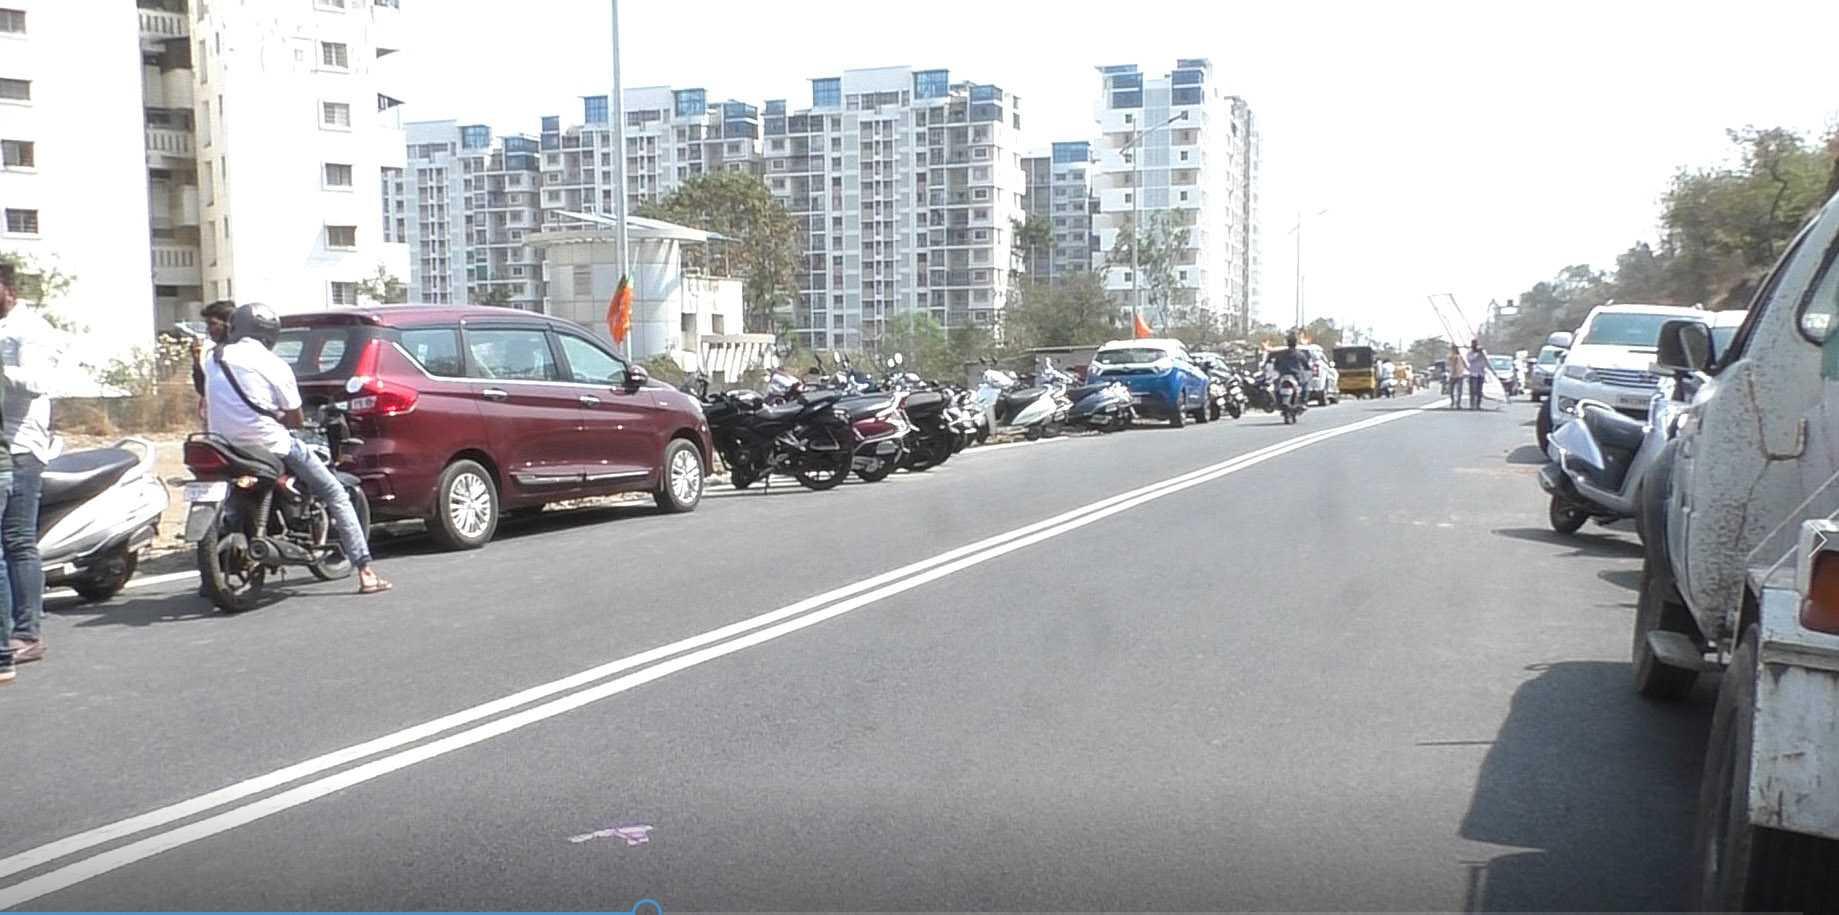 मुंबई-बेंगलोर महामार्गाला कोथरूड जोडणाऱ्या एका नव्या रस्त्याचे लोकार्पण (व्हिडीओ )